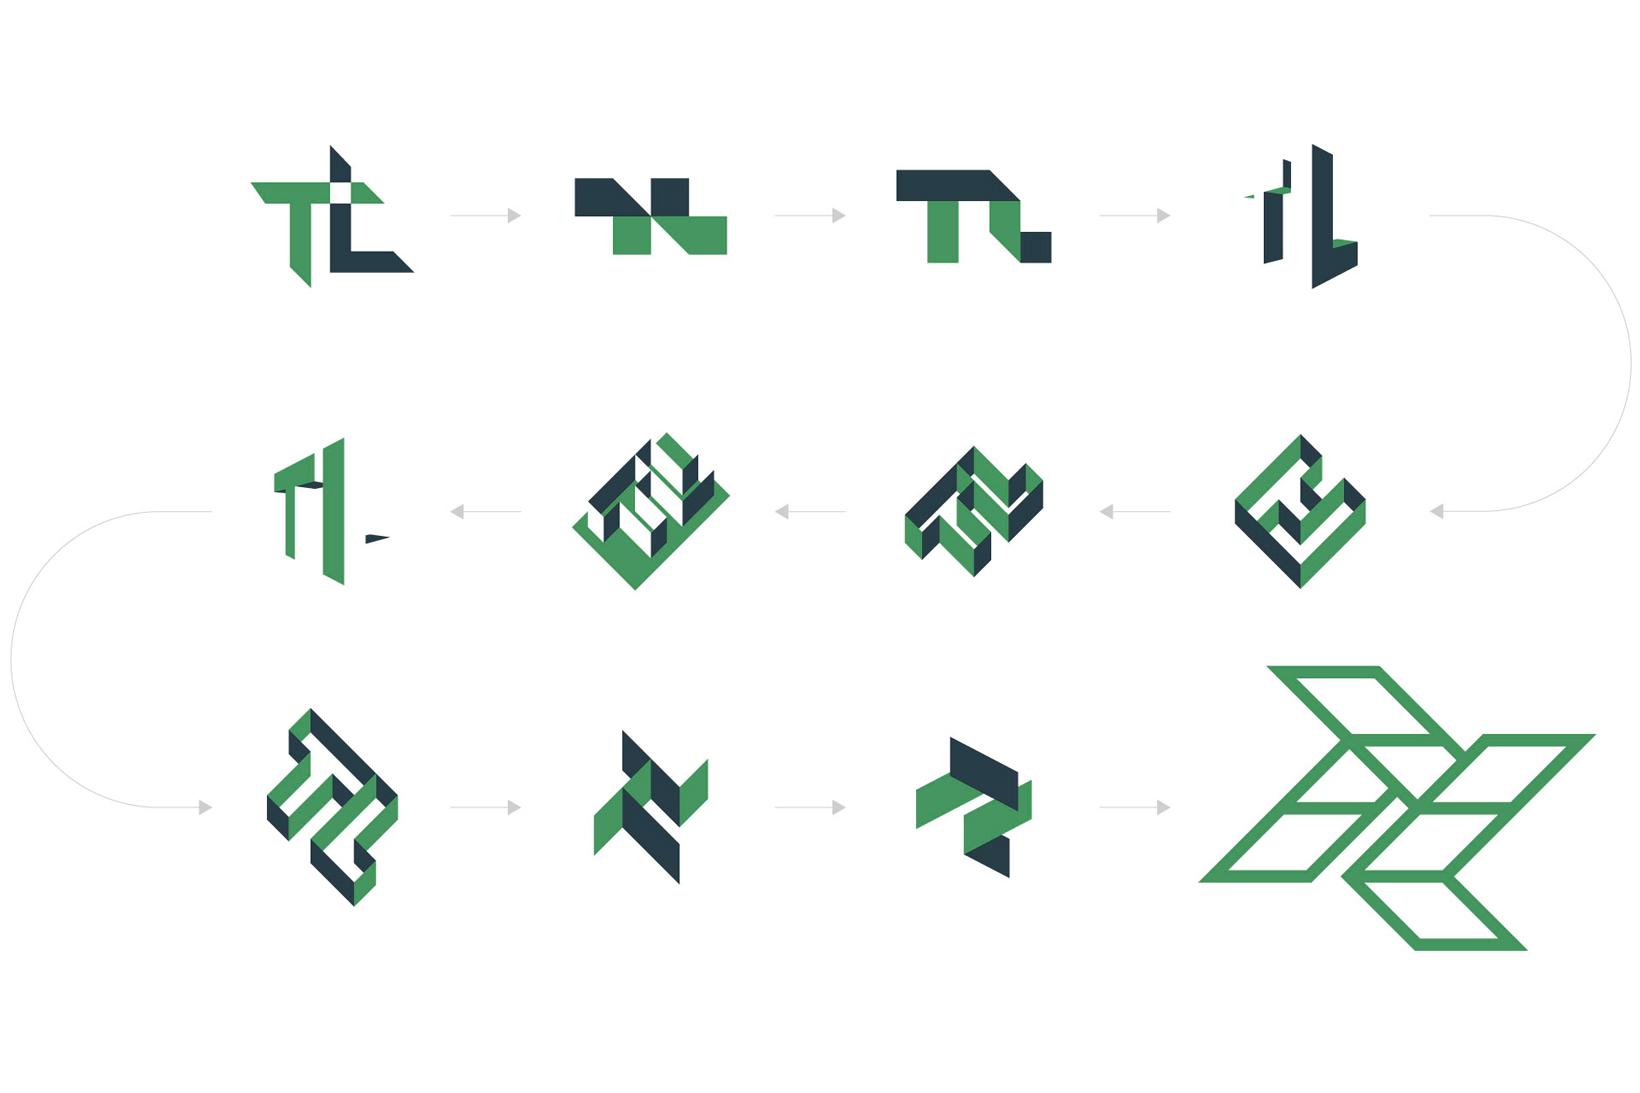 Tesslach logotipo isotipo branding identidad corporativa diseño gráfico Vibranding